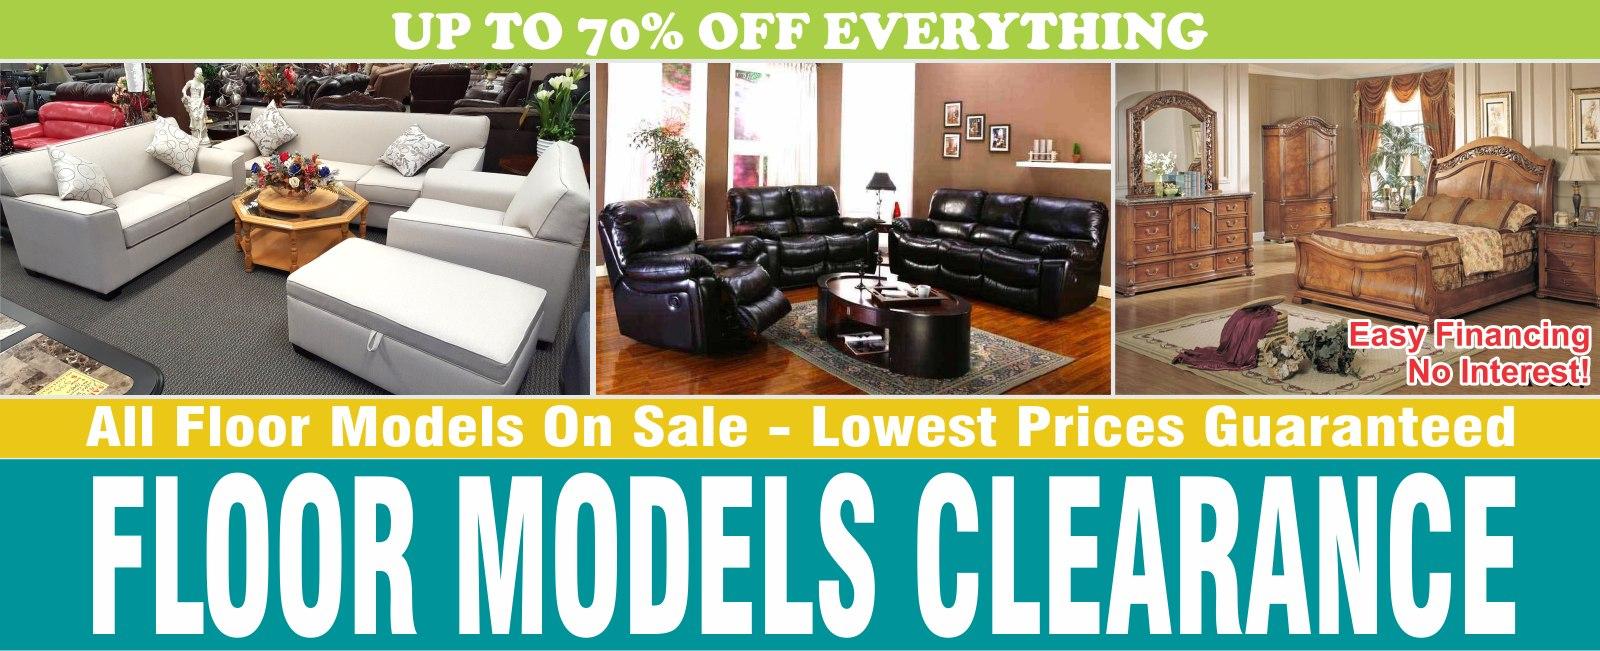 Best Furniture Store In Surrey Delta BC Sale On Bedroom Furniture - Bedroom furniture surrey bc